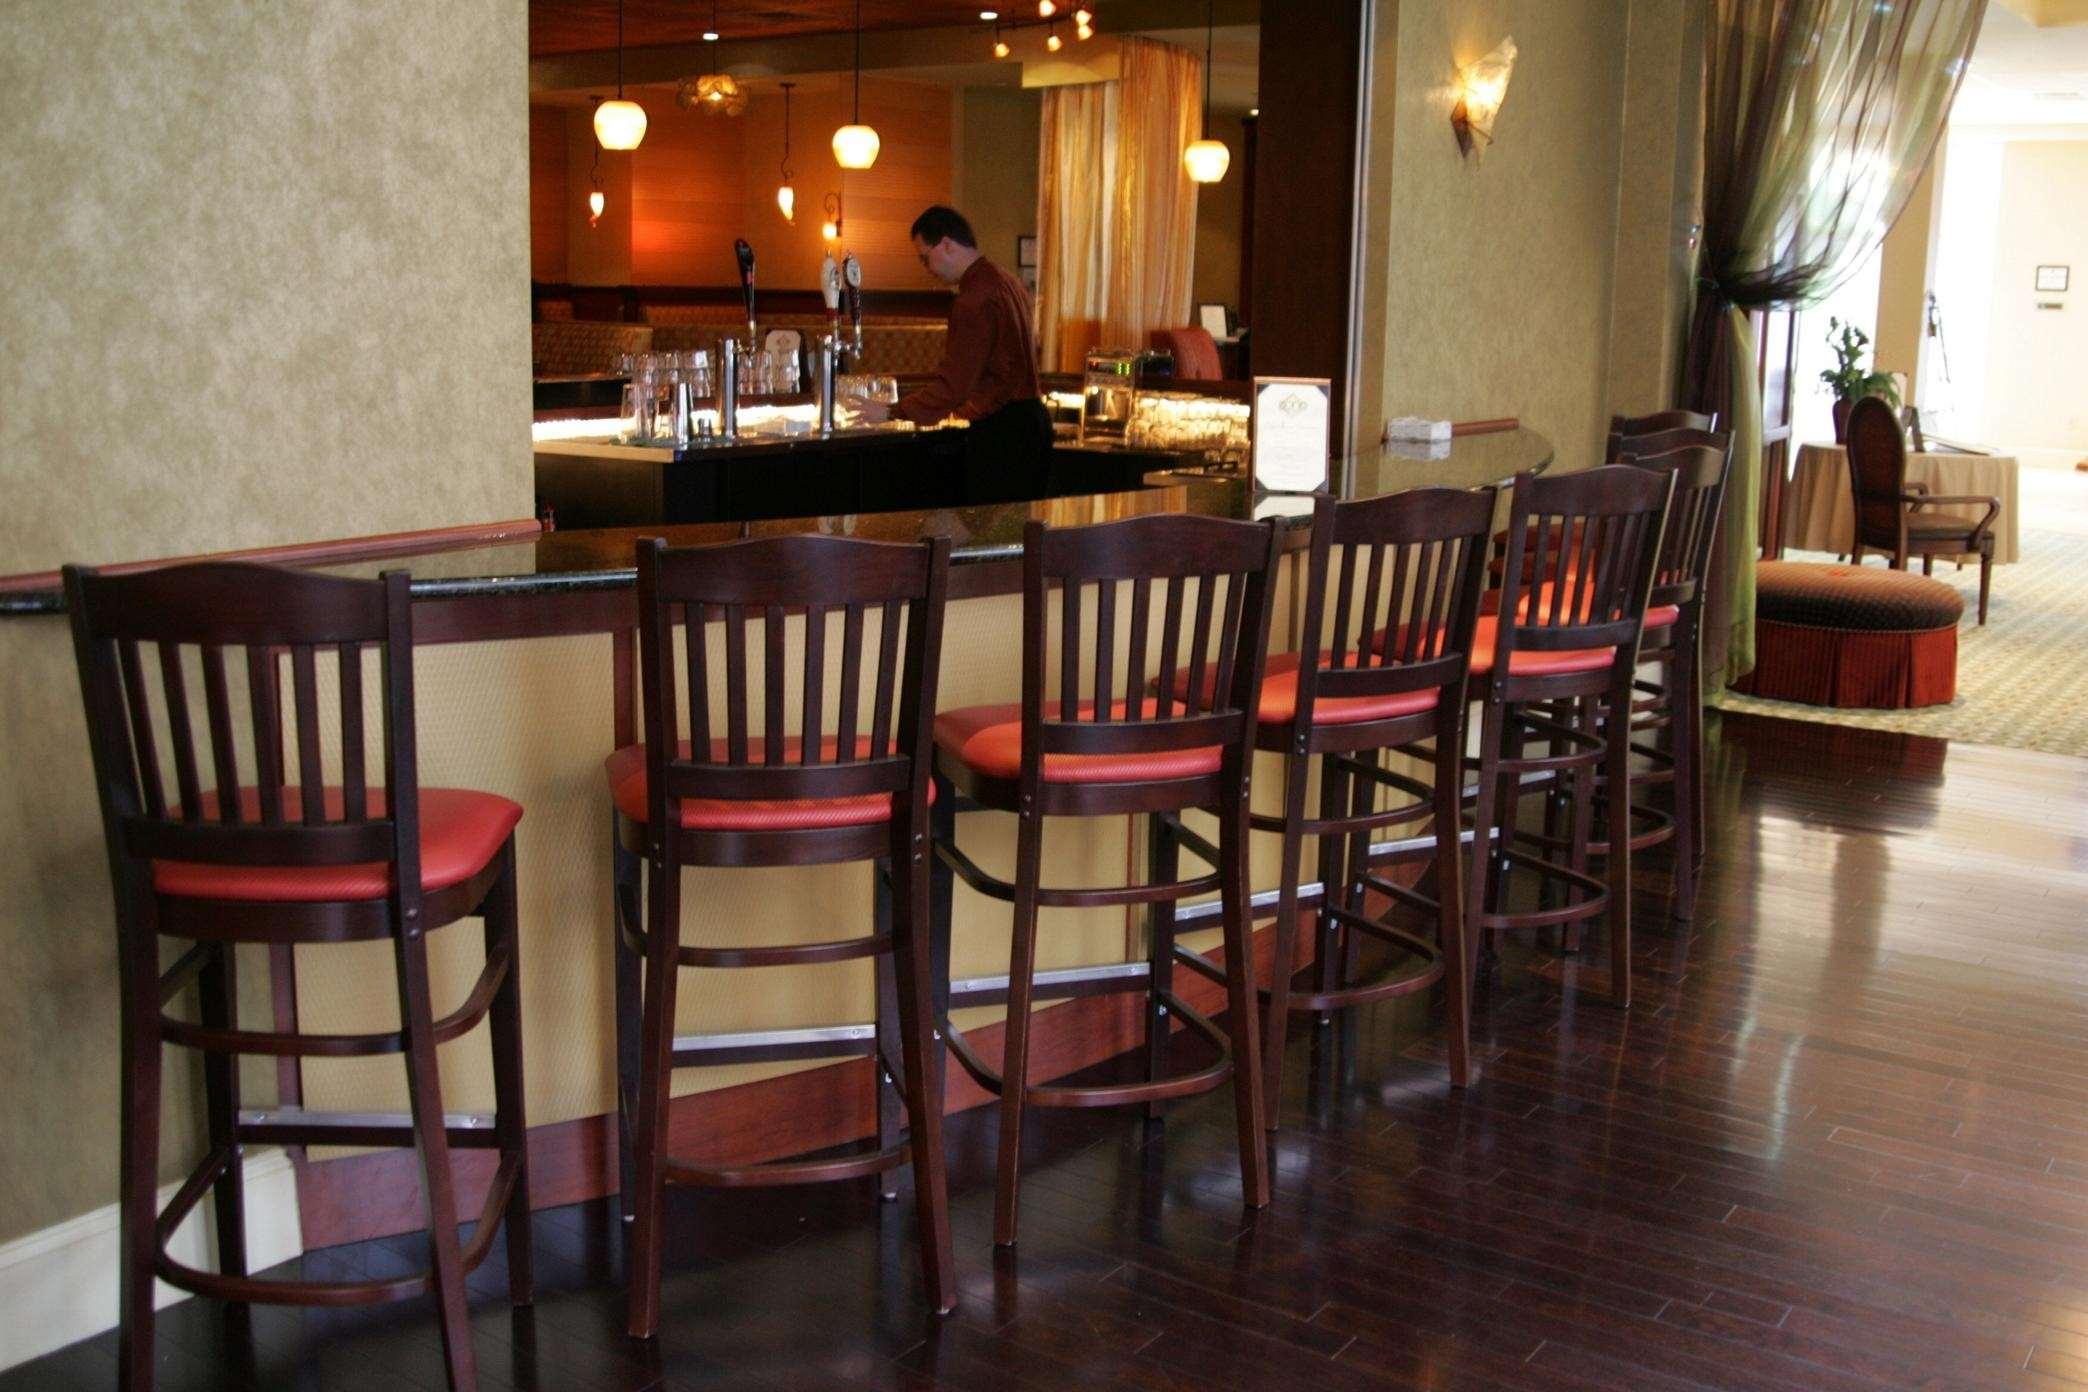 Hilton Garden Inn Anderson Anderson South Carolina Sc